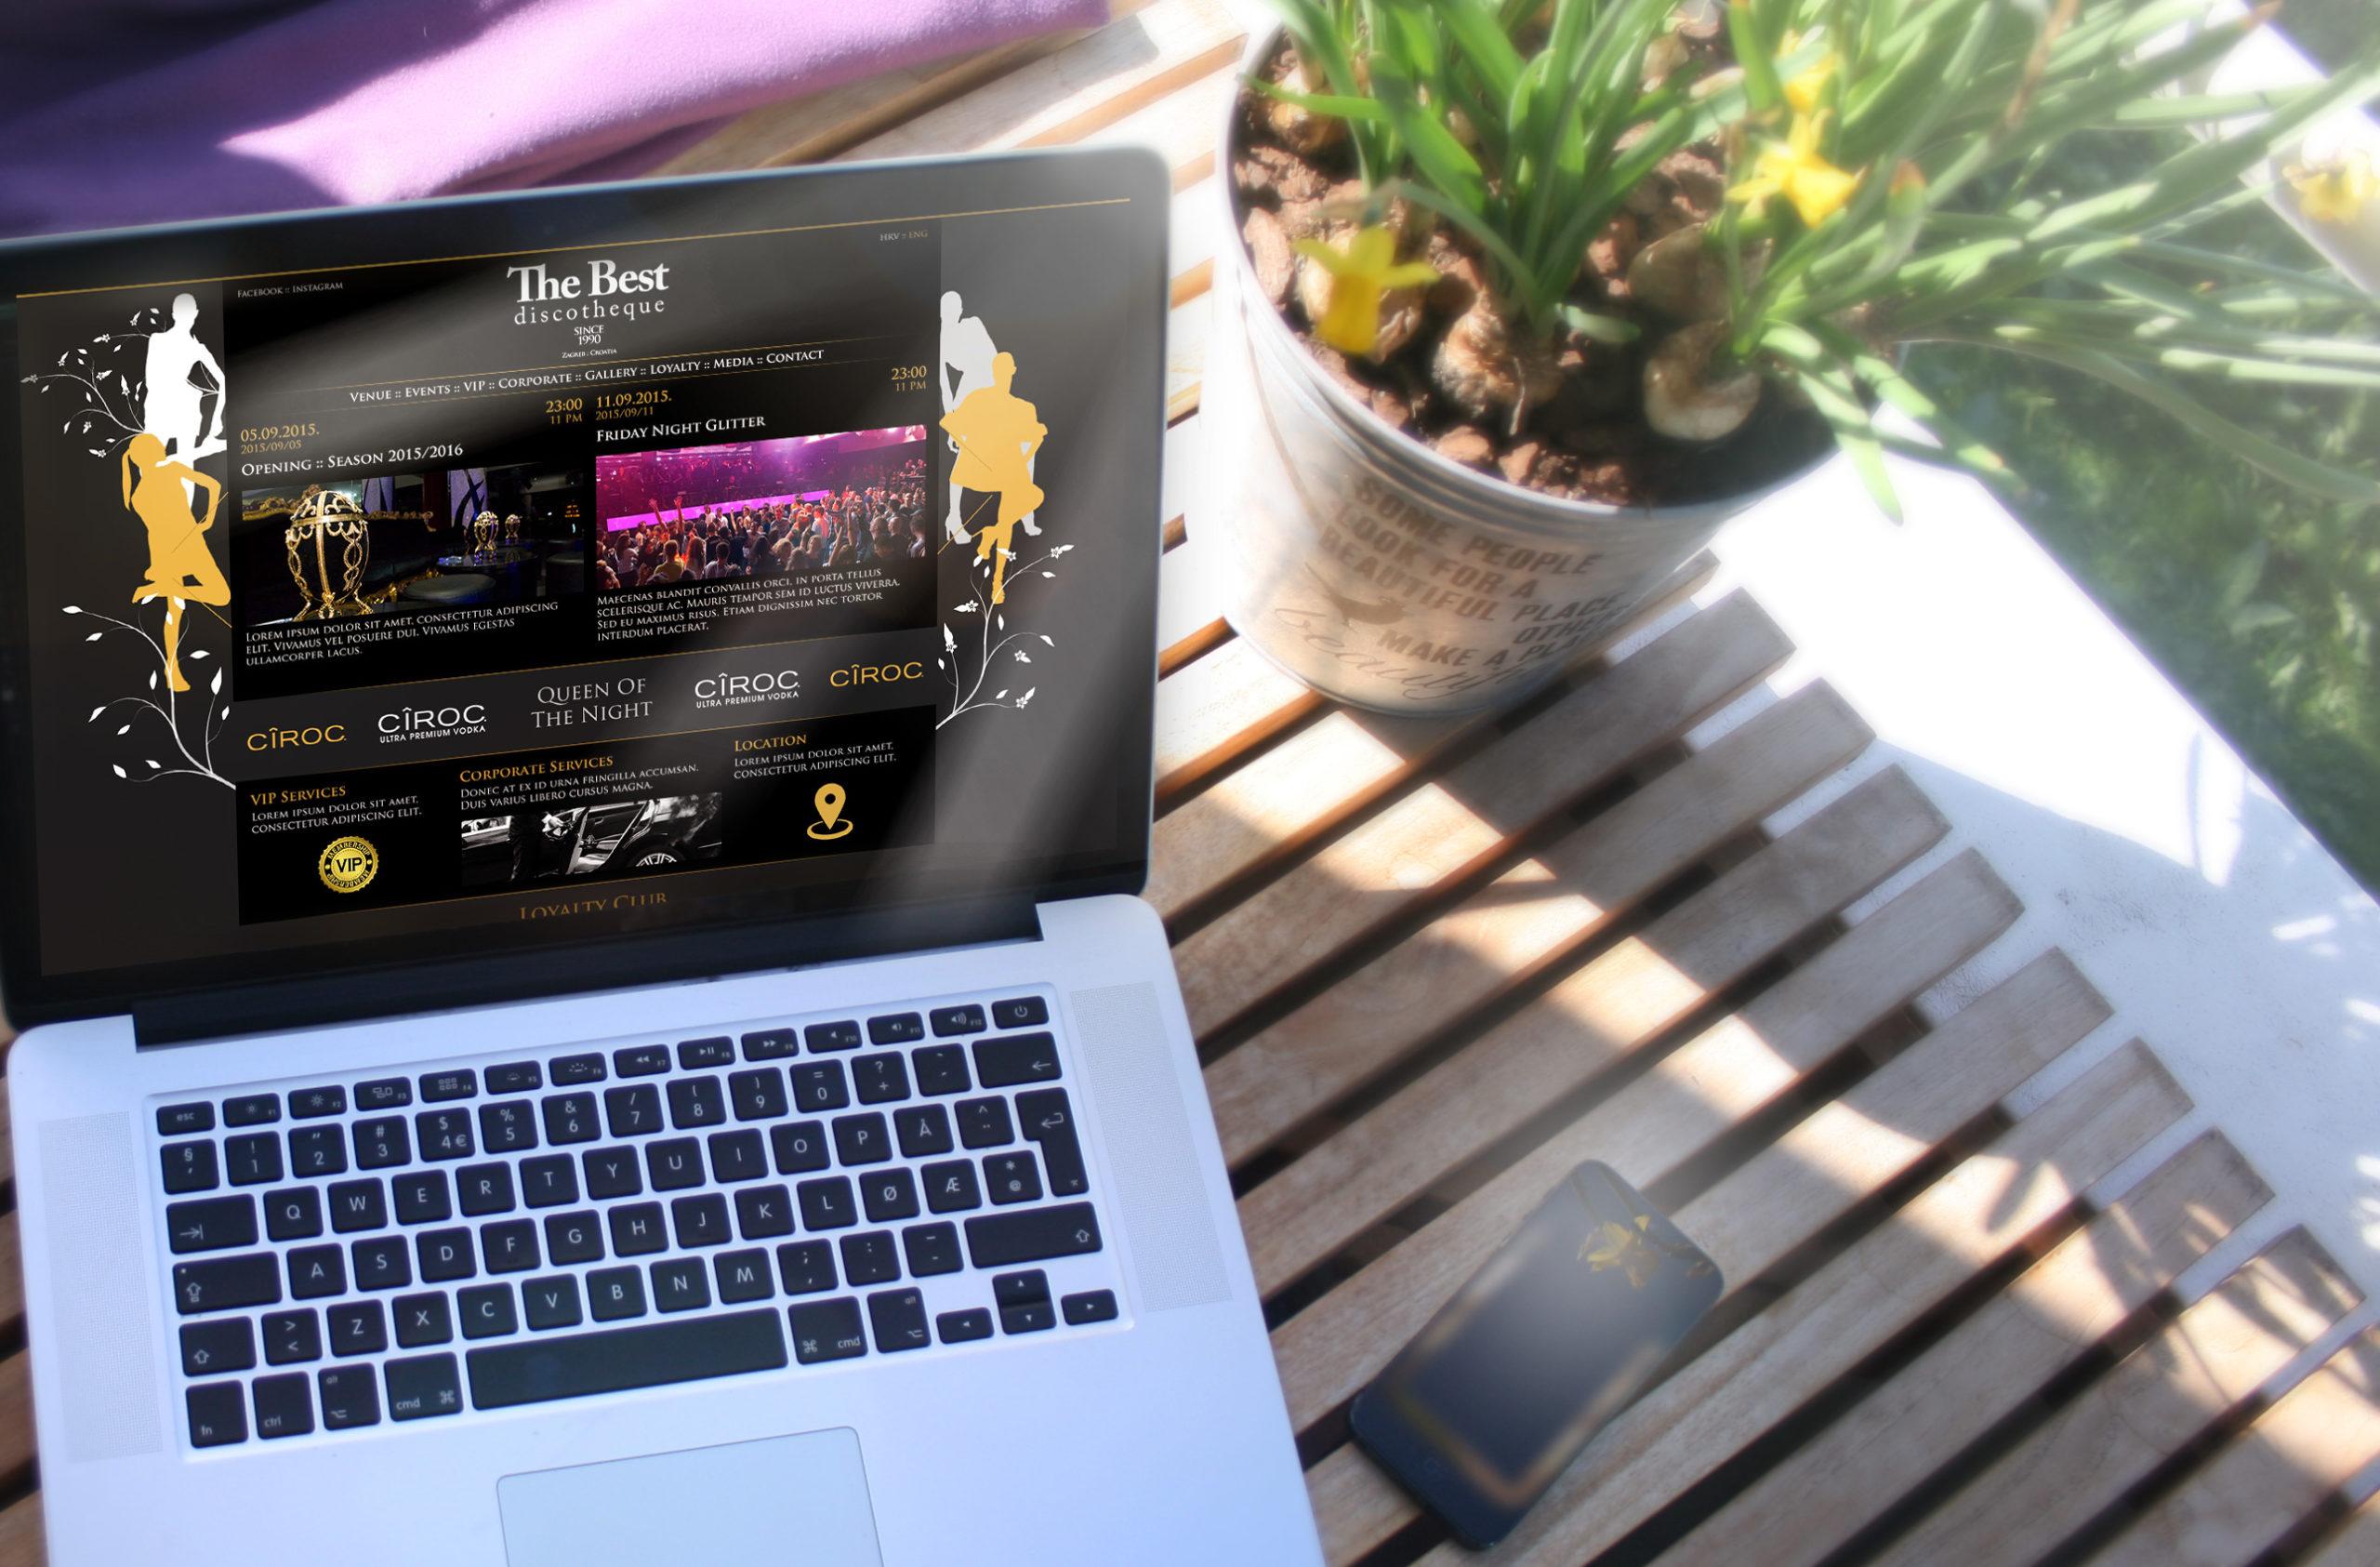 hren | plethora of creativity // The Best Discotheque digital presence